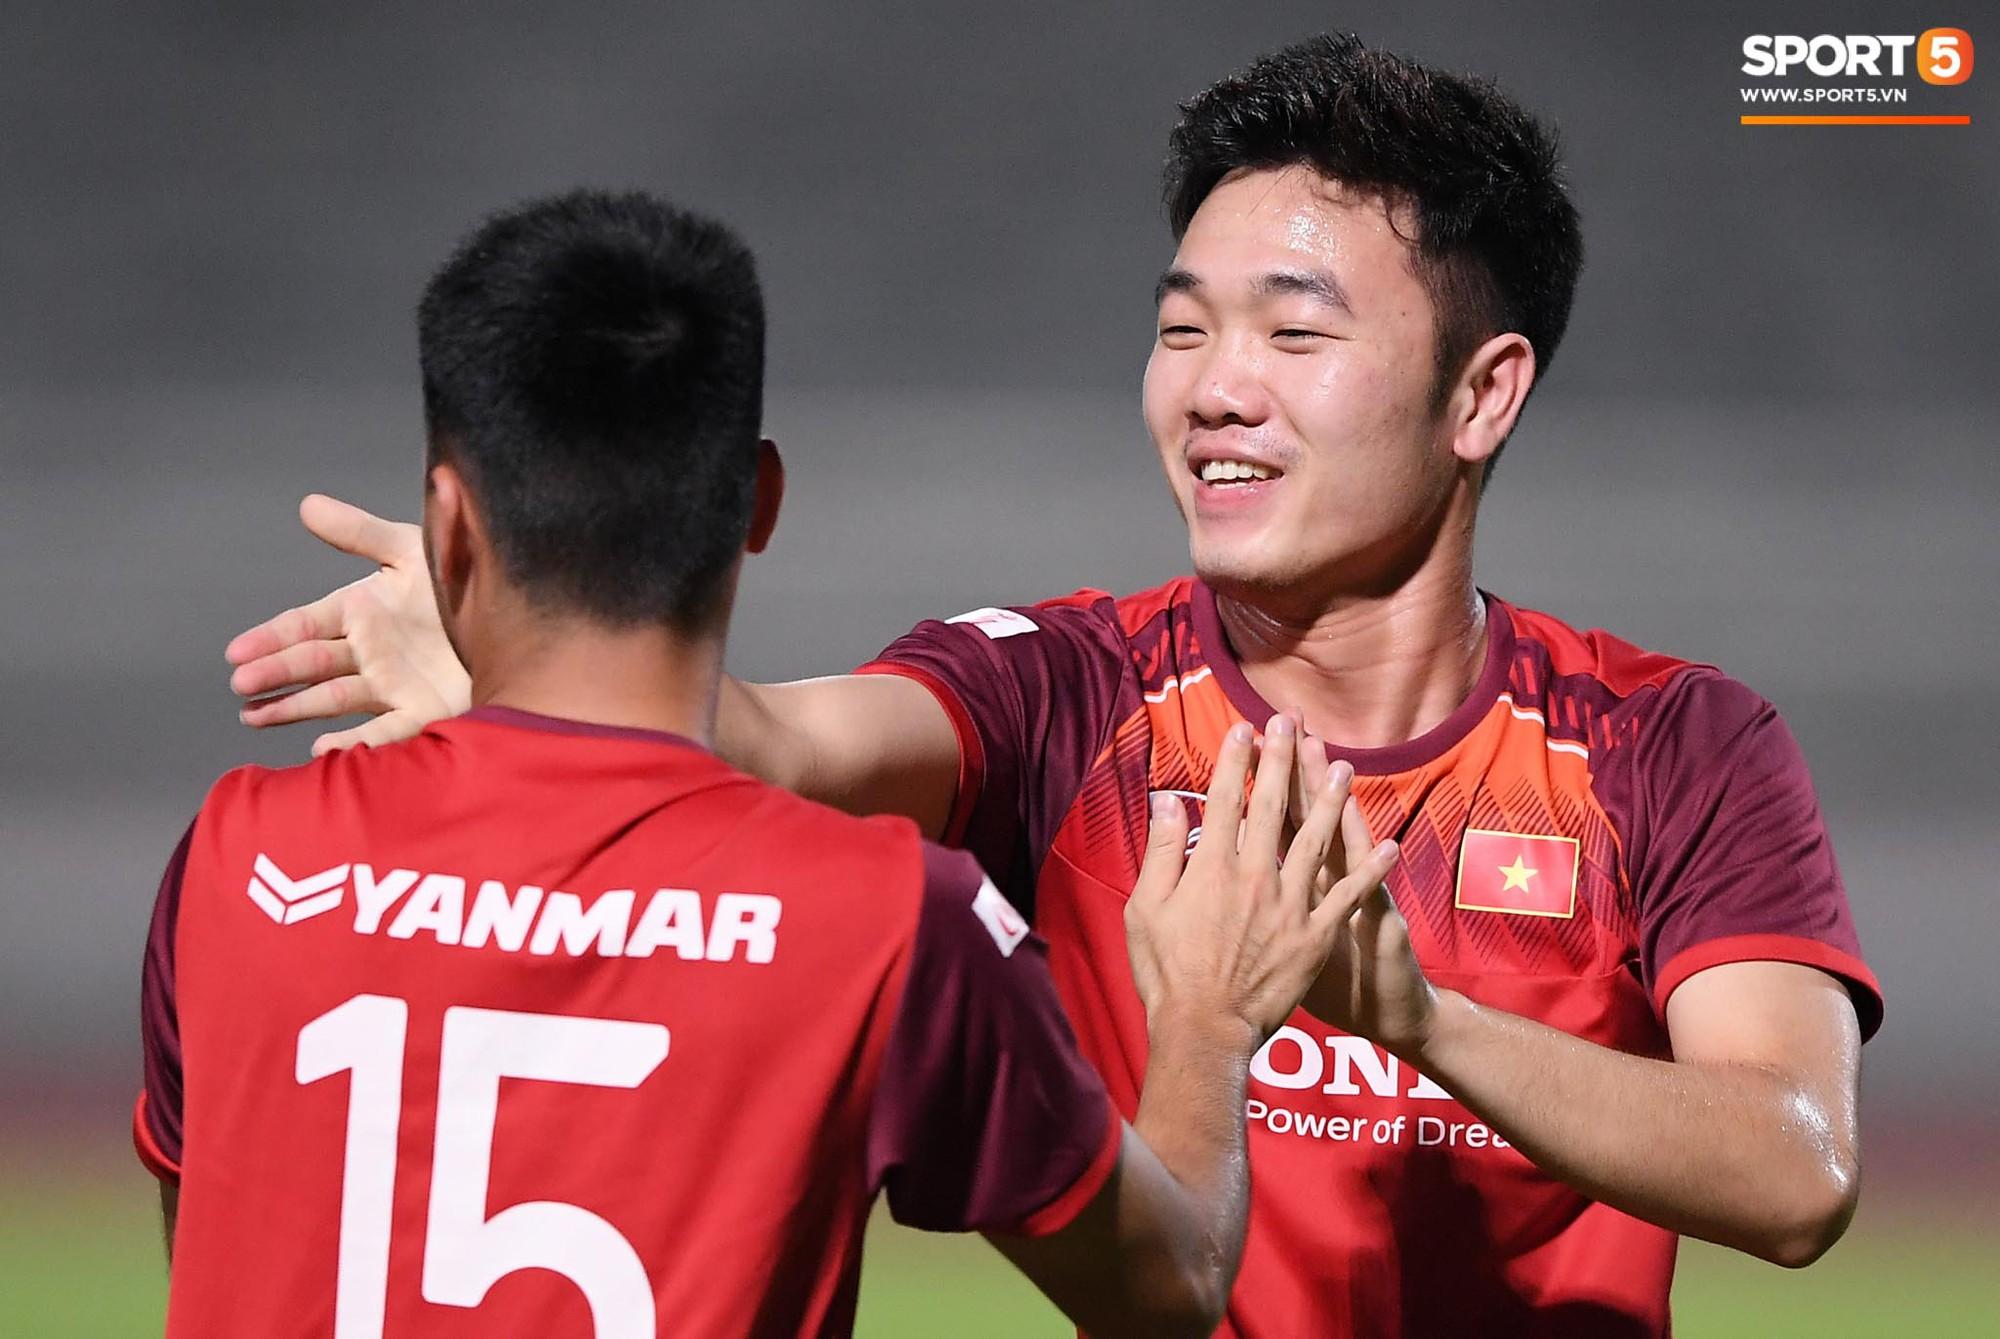 Xuân Trường táng Đức Huy không trượt phát nào trong buổi tập trước trận gặp Thái Lan - Ảnh 3.